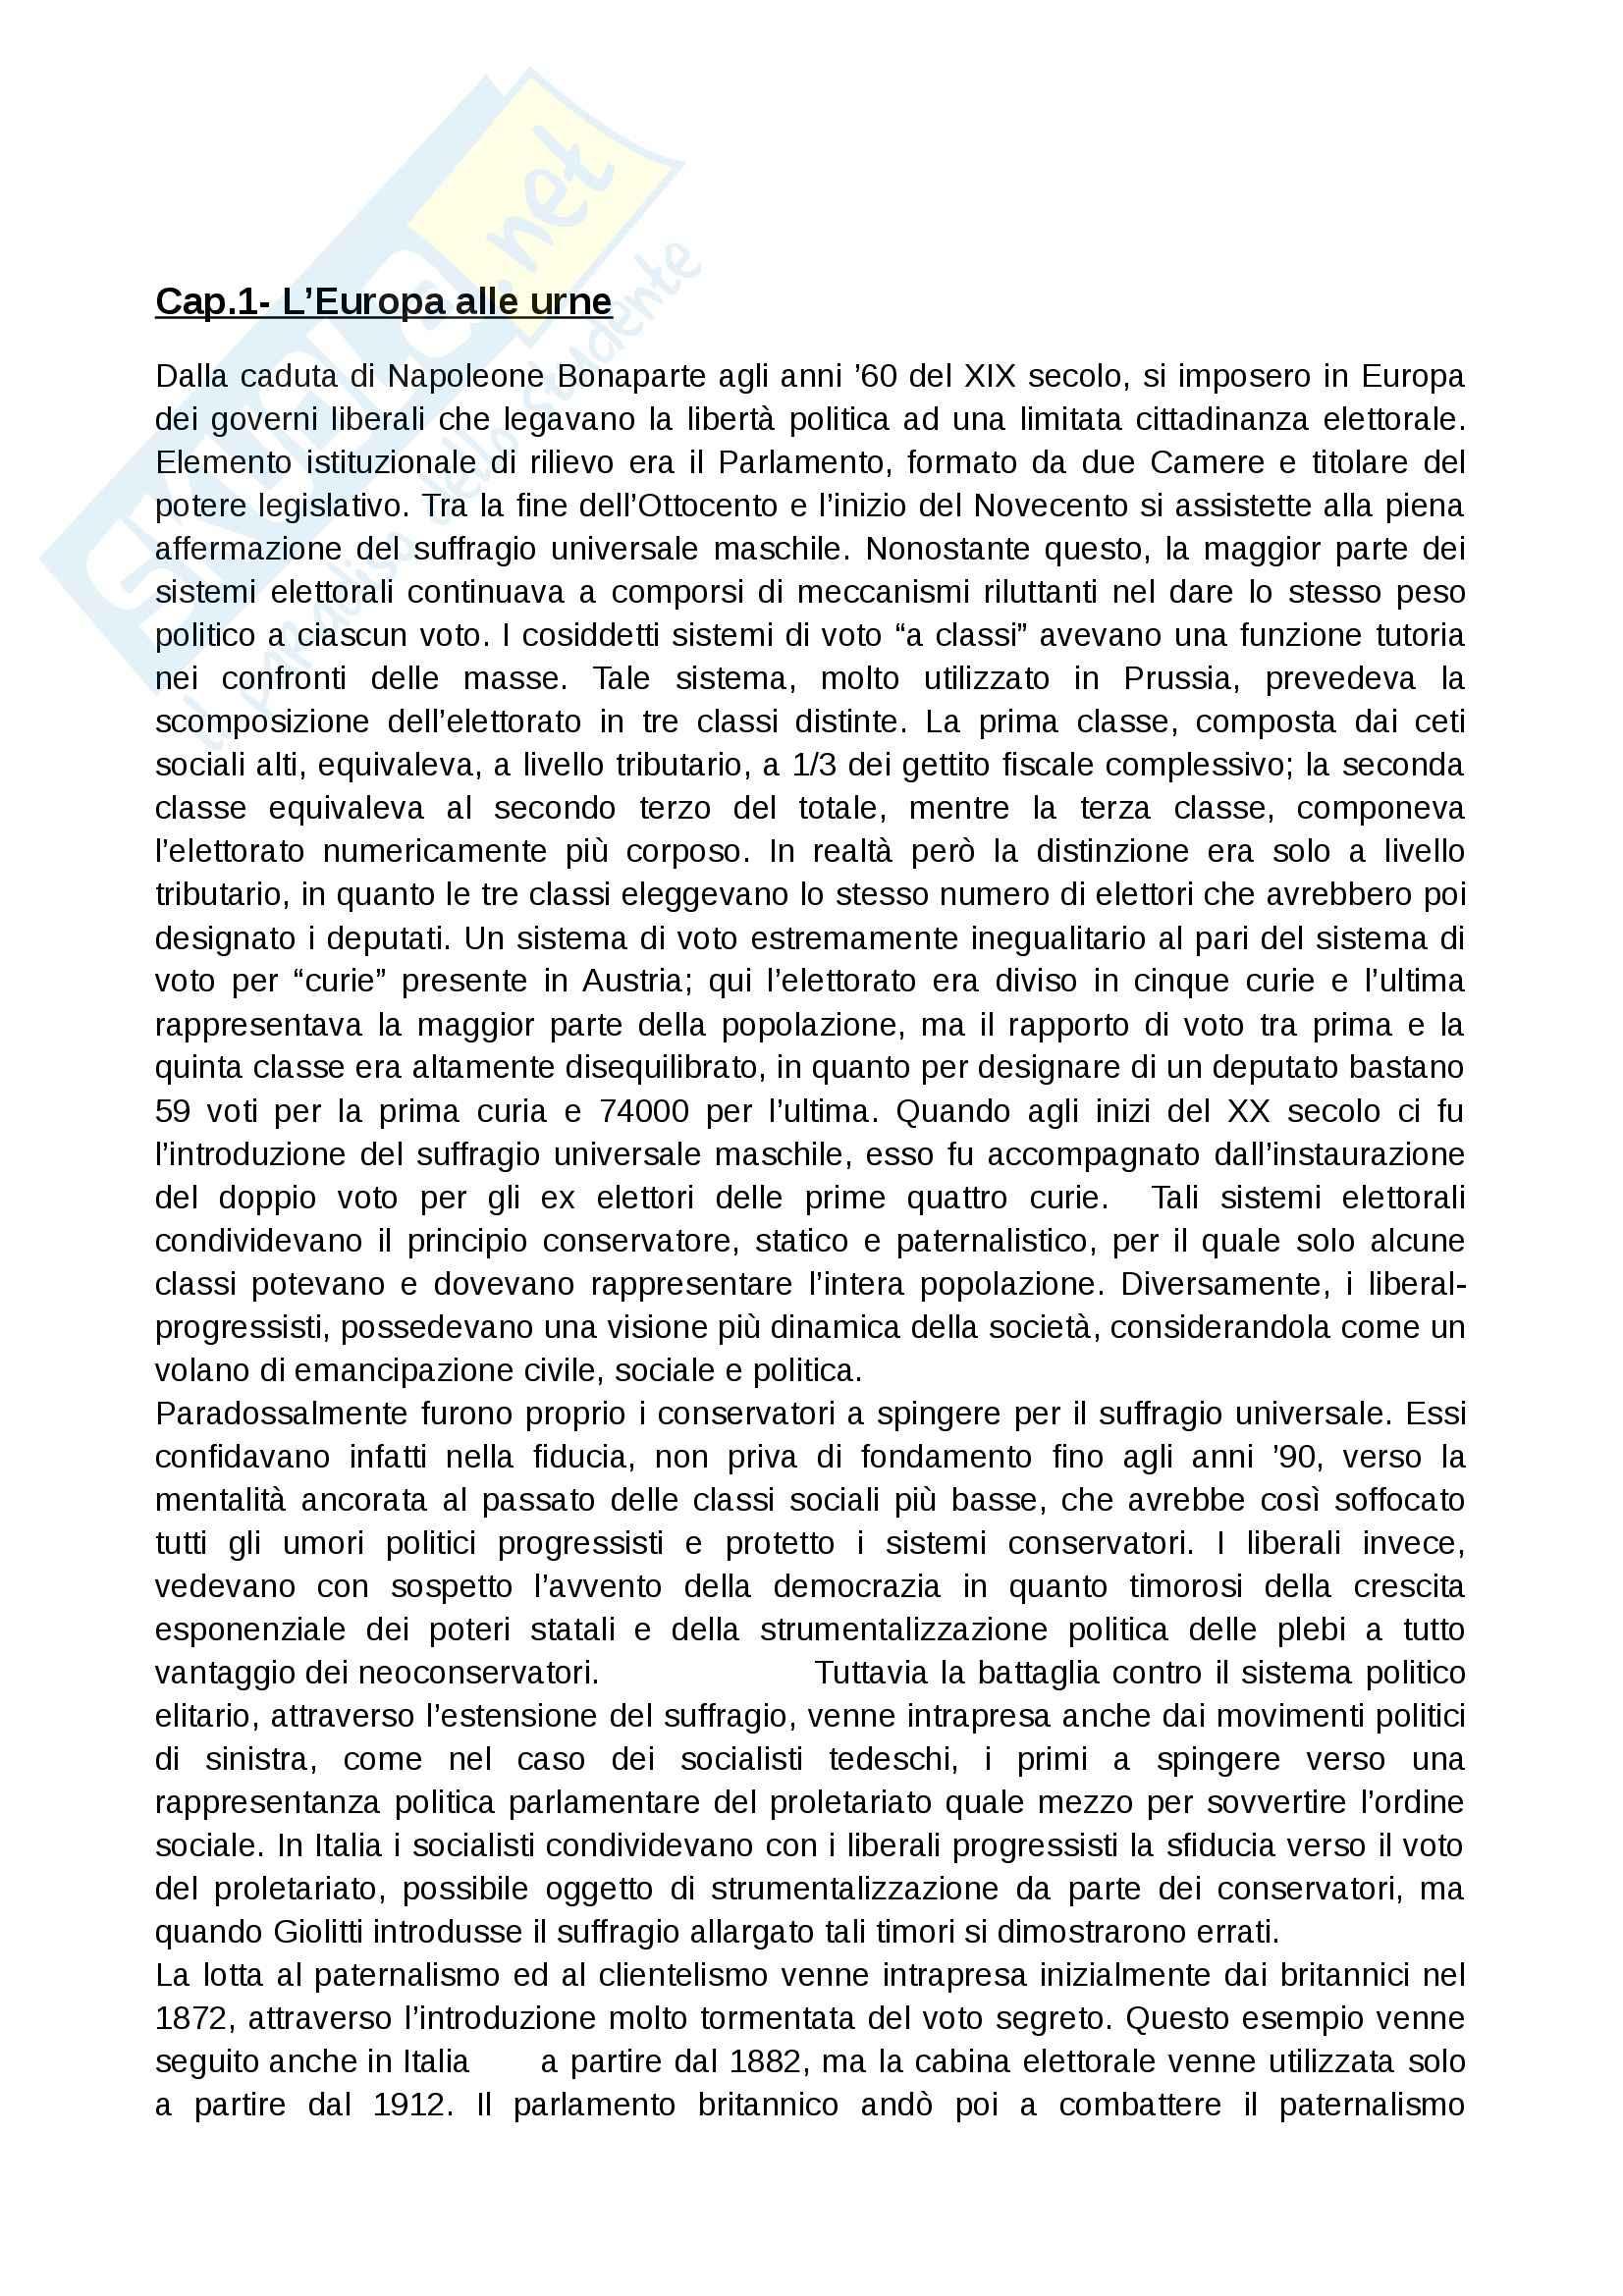 Riassunto esame Storia, prof. Chiavistelli, libro consigliato L'europa dall'Ottocento al Novecento, Meriggi